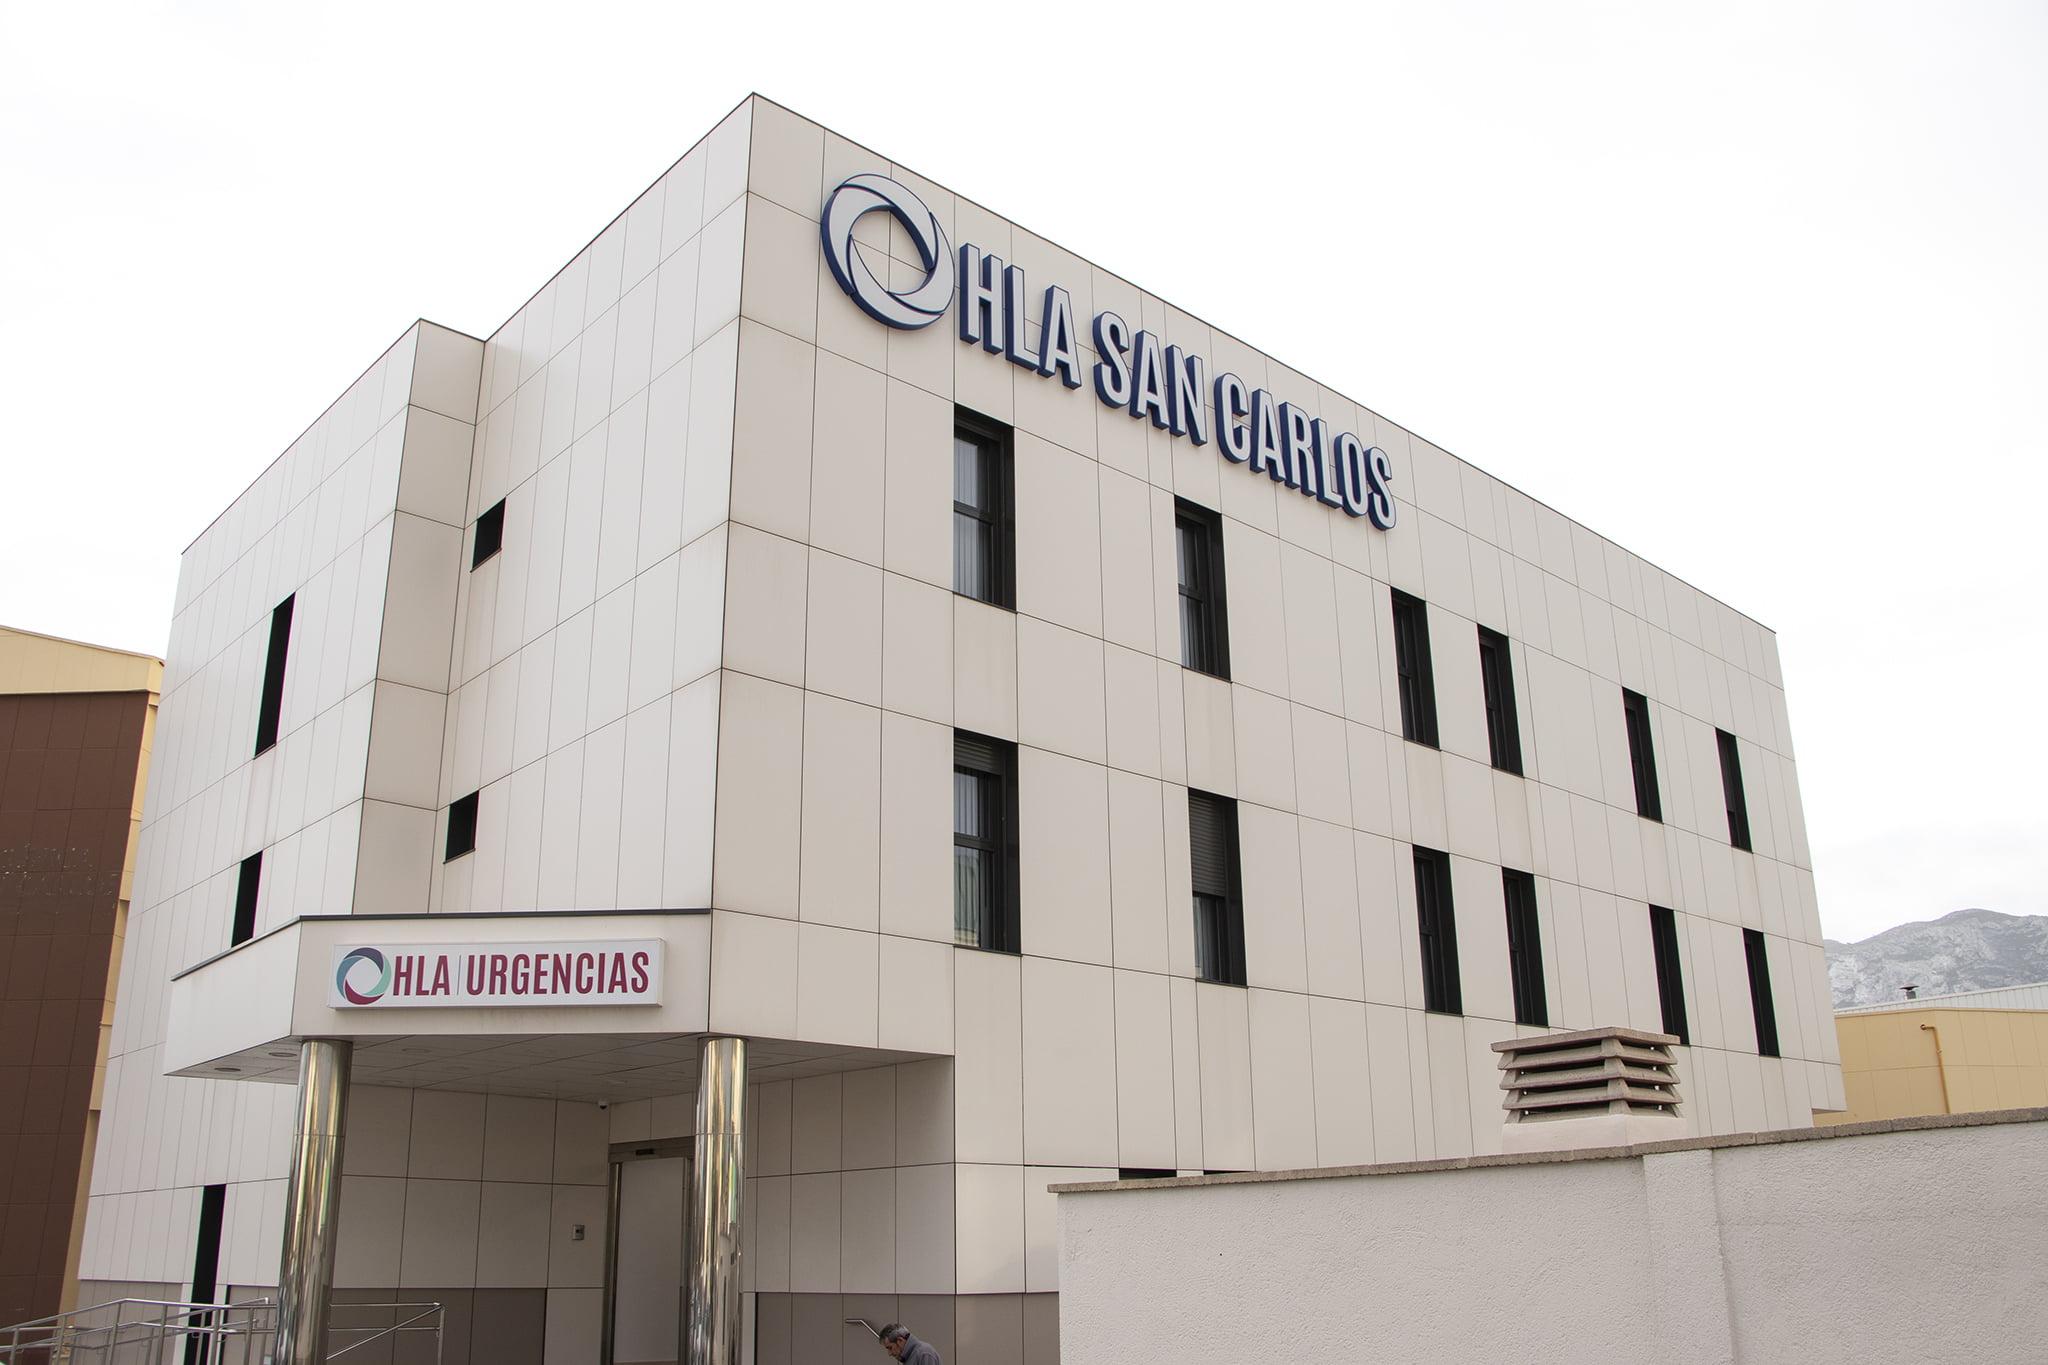 Fachada de las nuevas instalaciones de Hospital HLA San Carlos